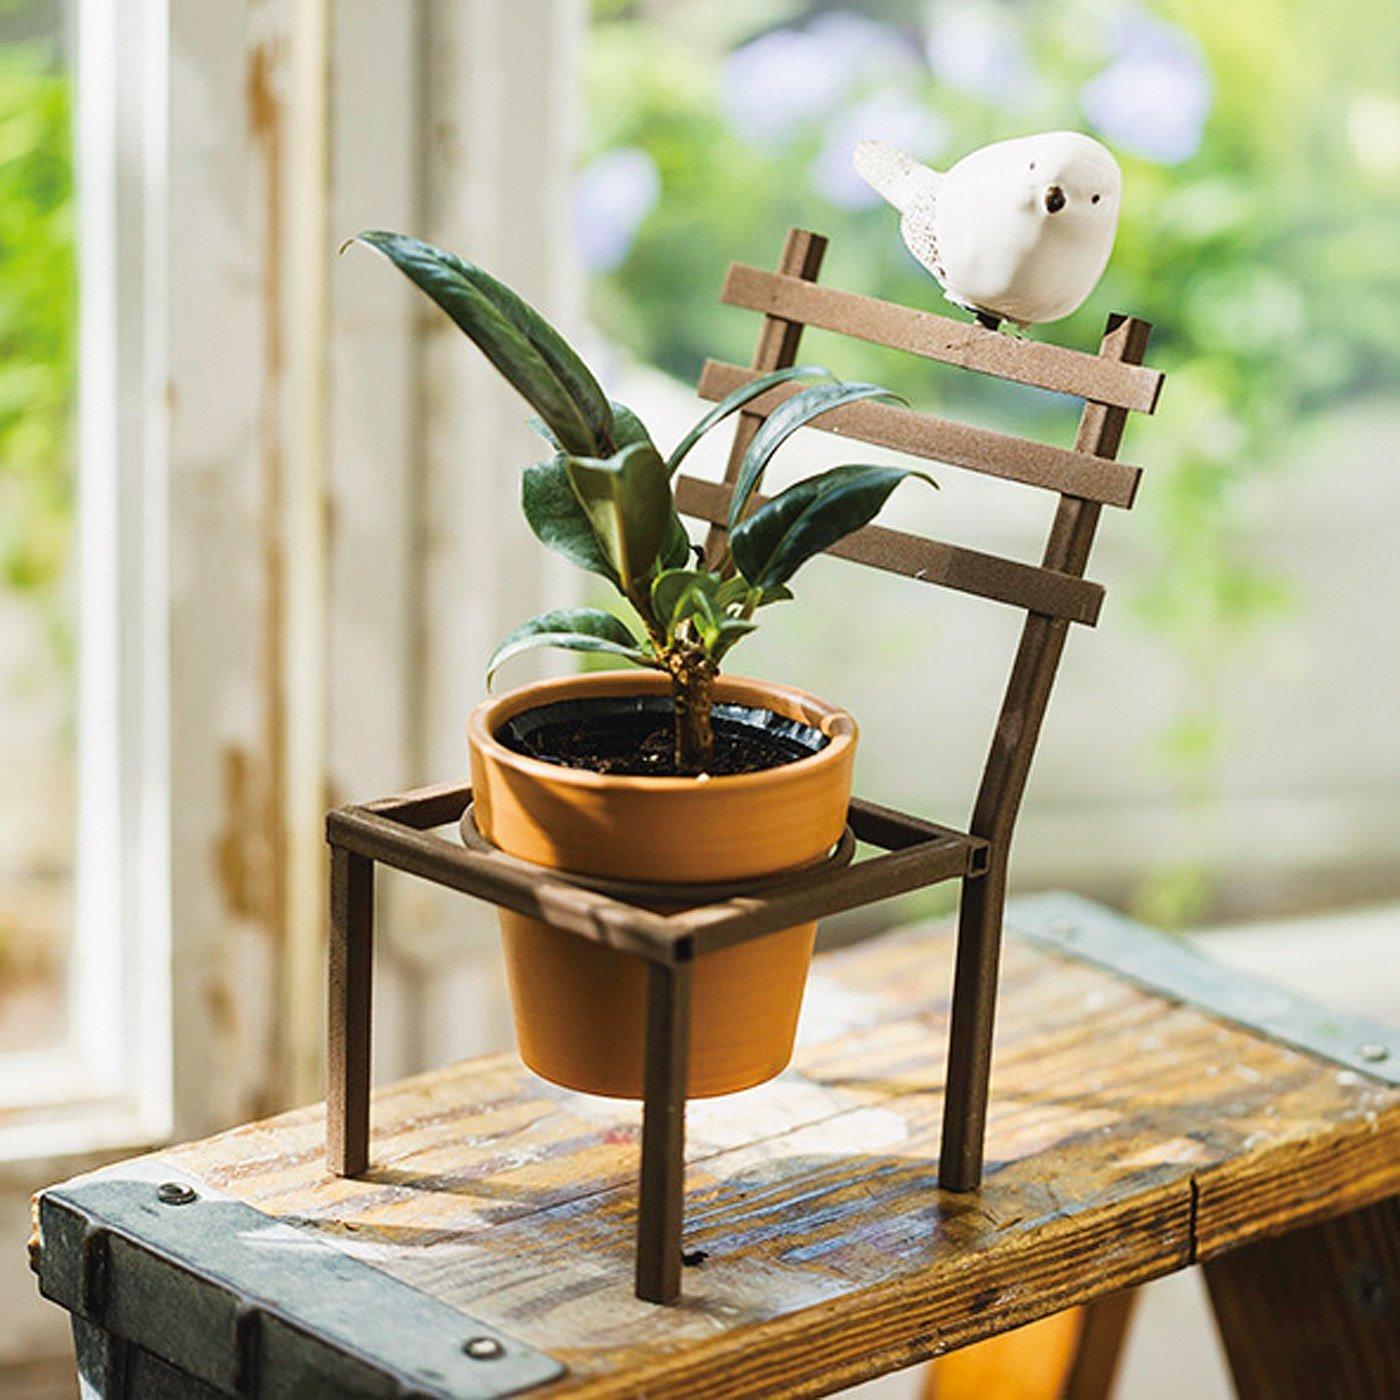 あなたのお花を見守るよ♪ かわいい小鳥のいす型ポット